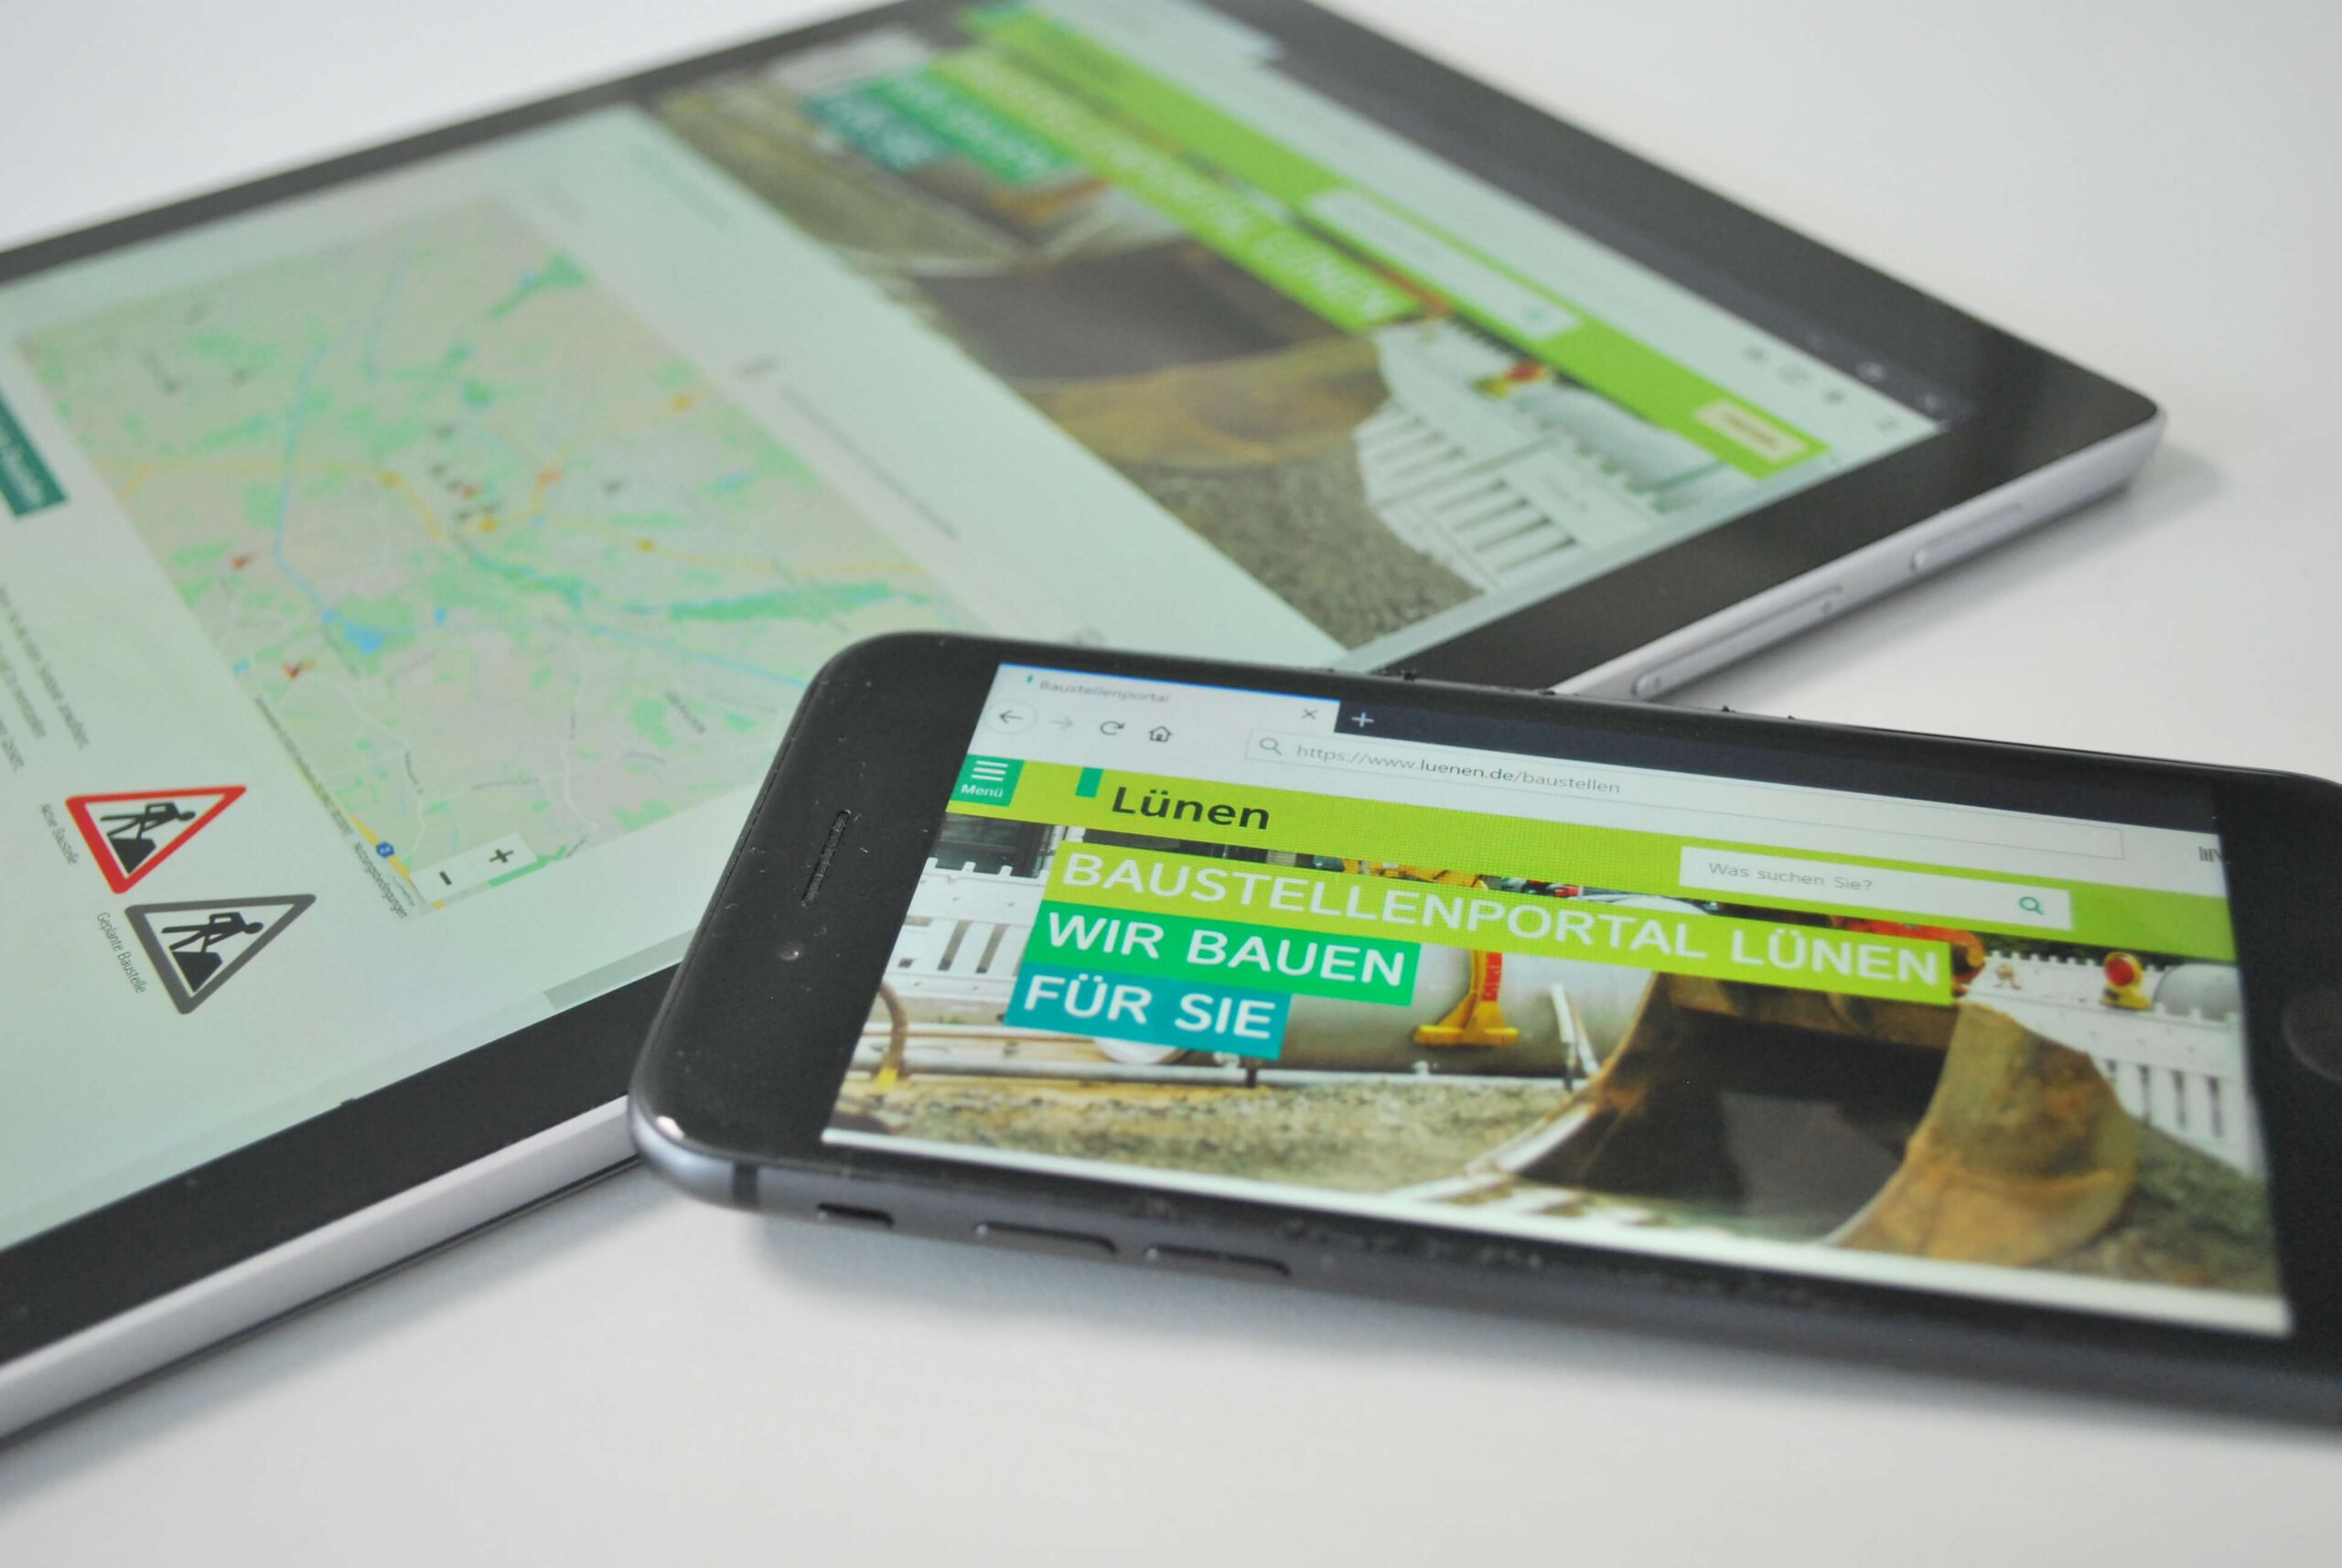 Das Online-Baustellenportal ist der zentrale Baustein des gemeinsamen Baustellenmanagements der Stadt Lünen, des Stadtbetriebs Abwasserbeseitigung Lünen sowie der Stadtwerke Lünen. Foto: Stadt Lünen